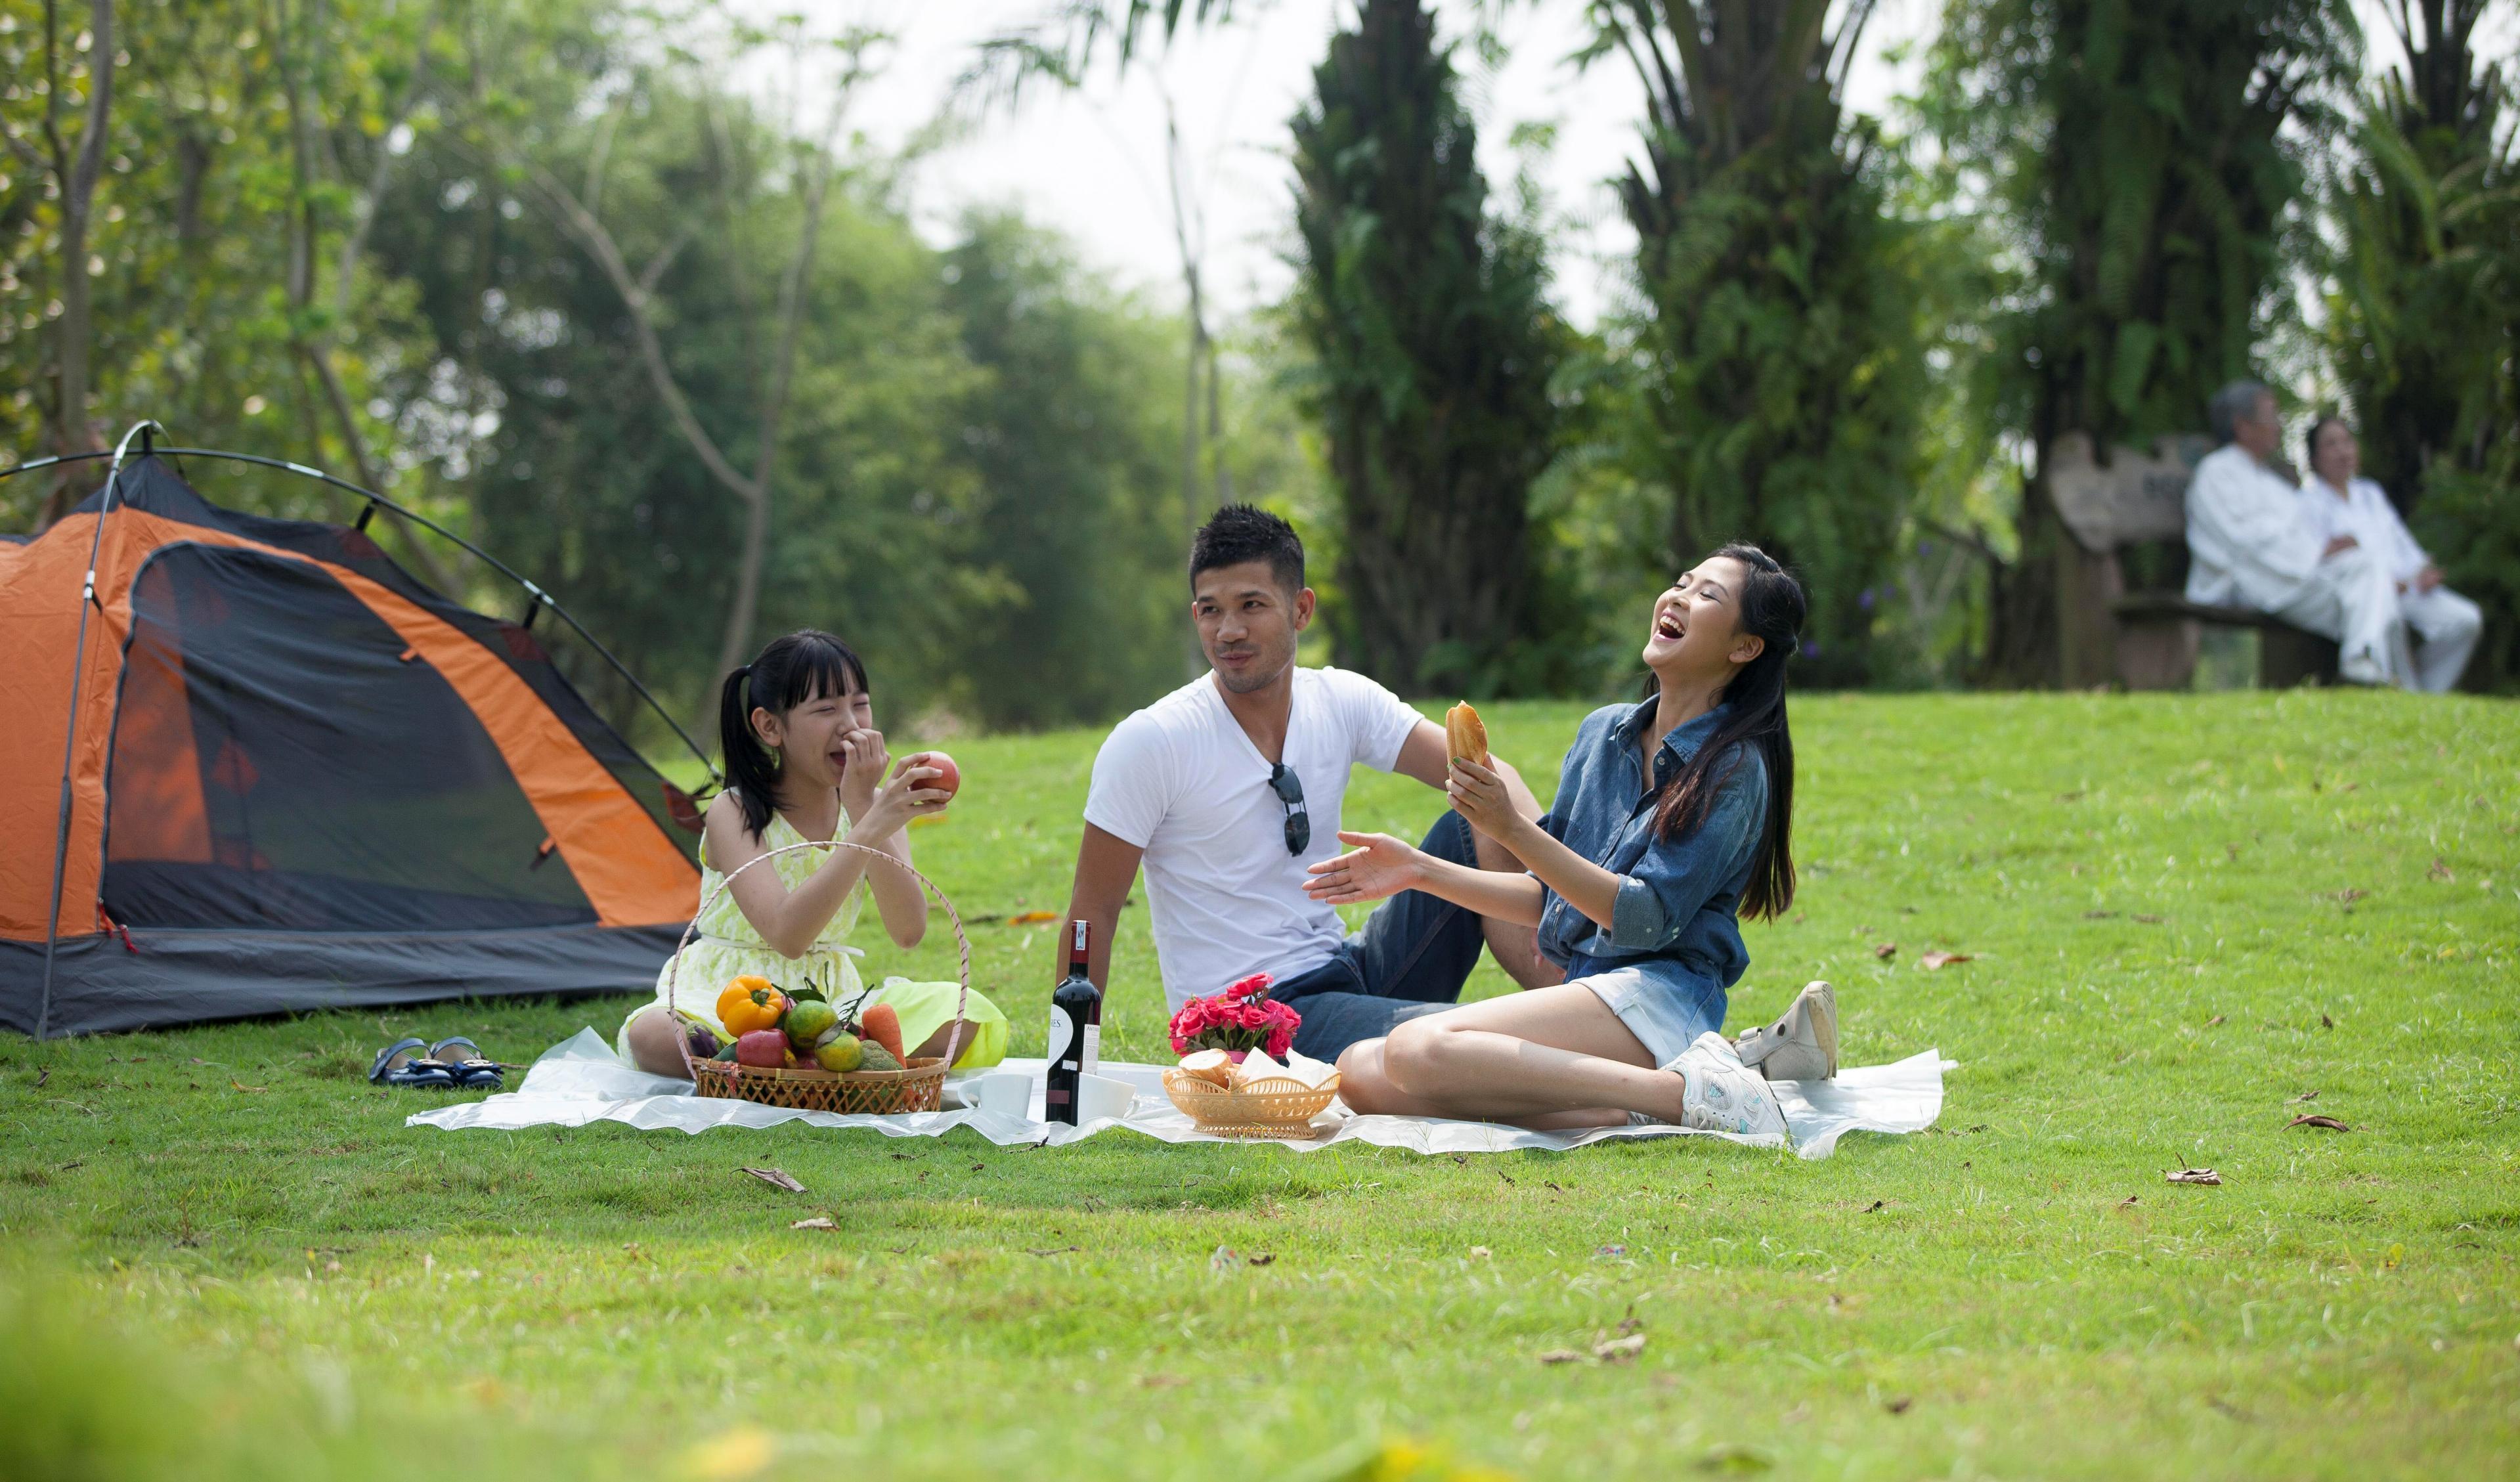 Chiêm ngưỡng diều khổng lồ tại Festival diều quốc tế Ecopark - Ảnh 4.